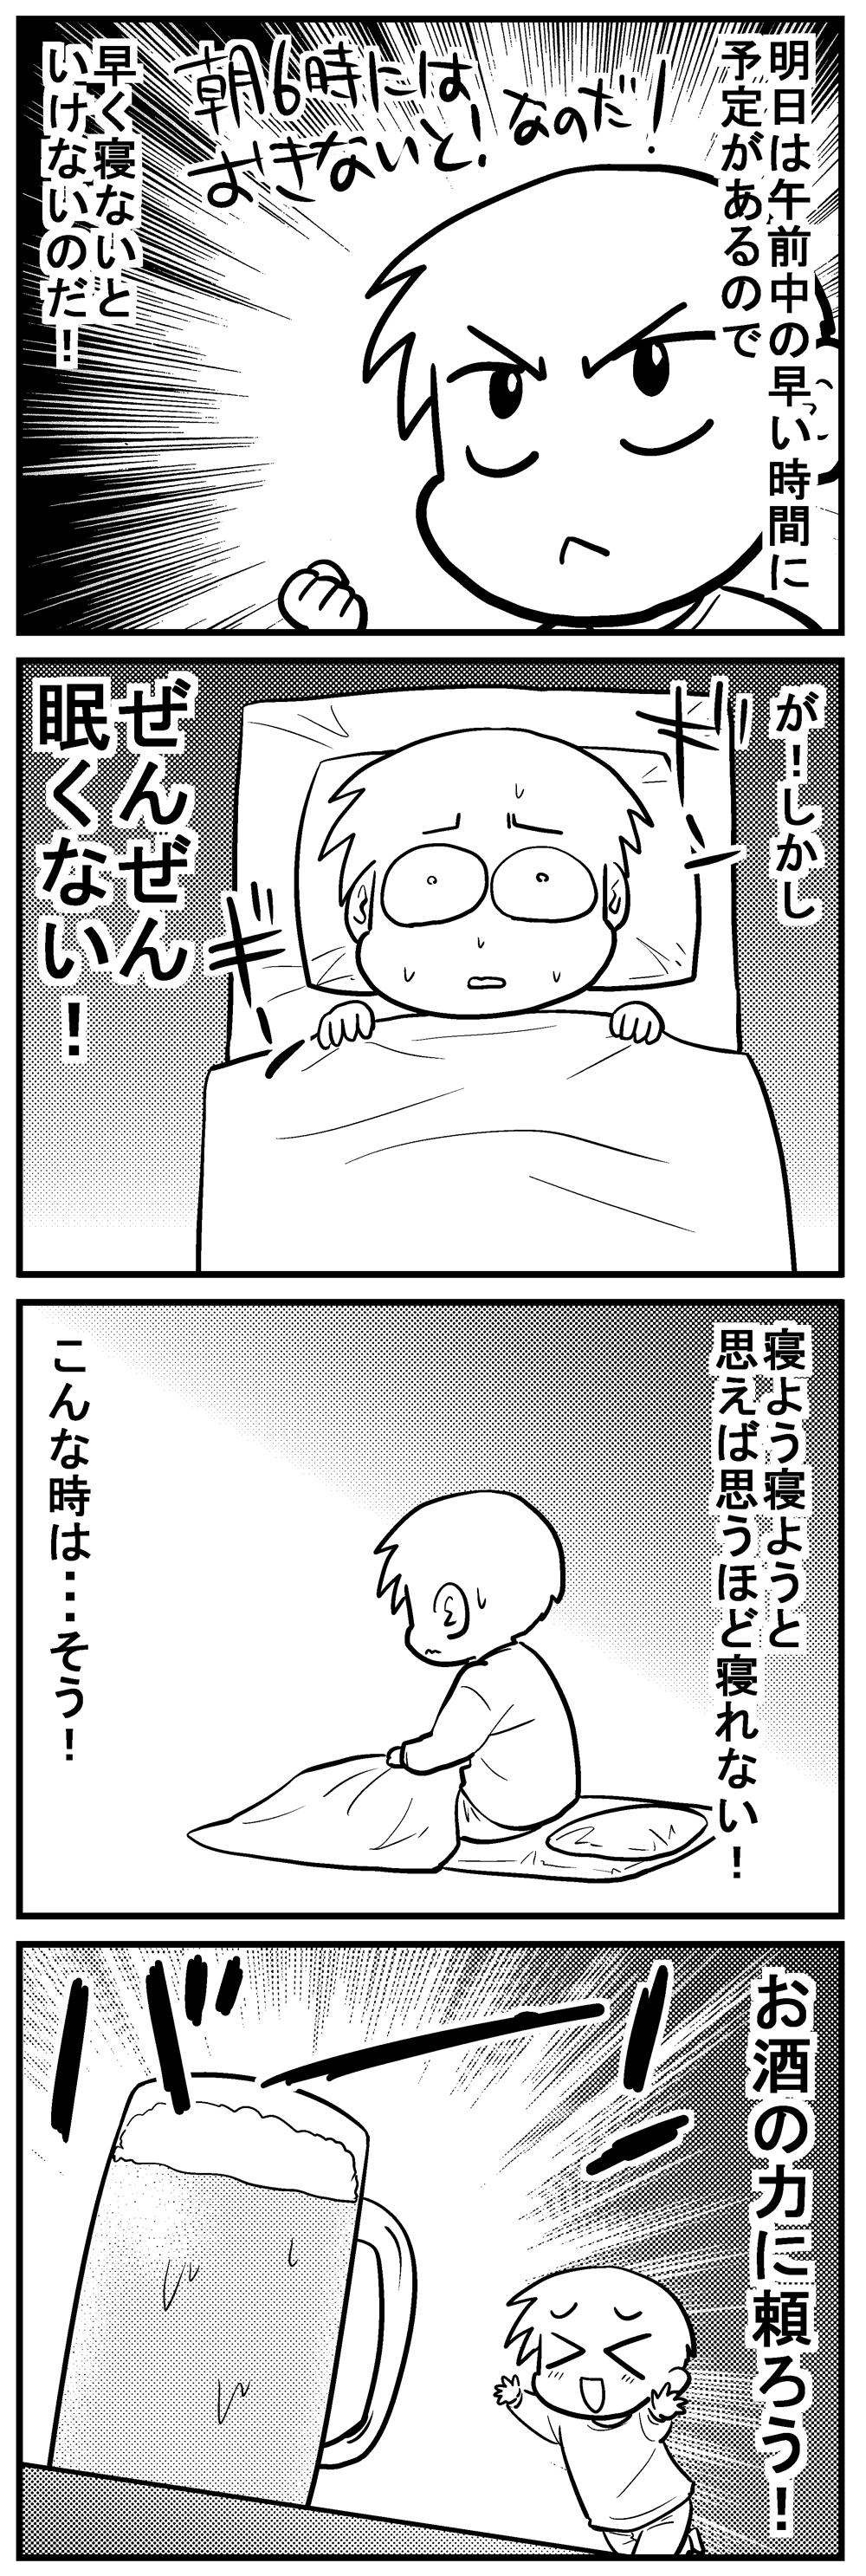 深読みくん120 1